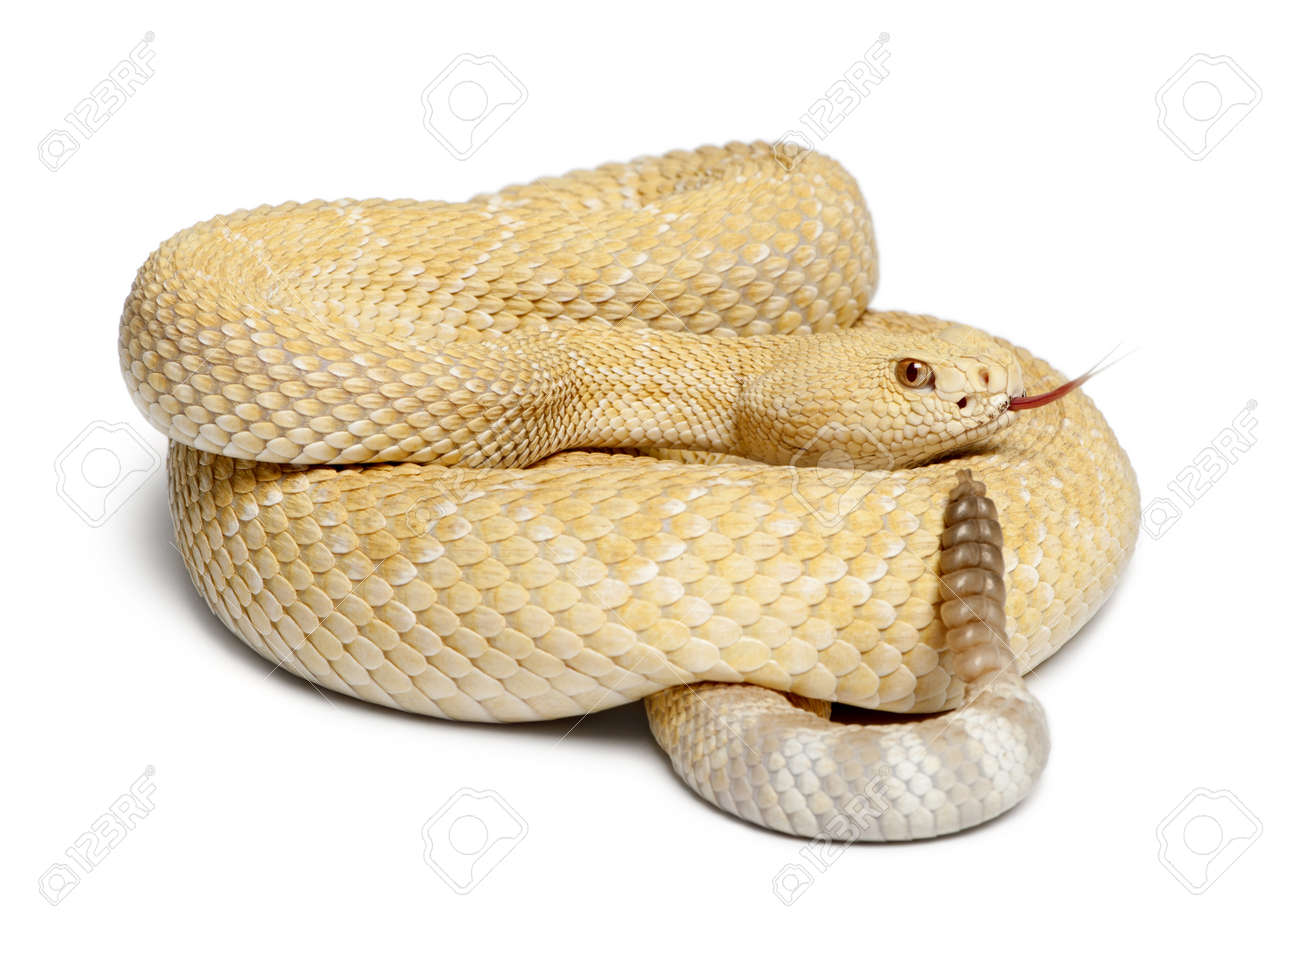 albinos western diamondback rattlesnake - Crotalus atrox, poisonous, white background Stock Photo - 13591916